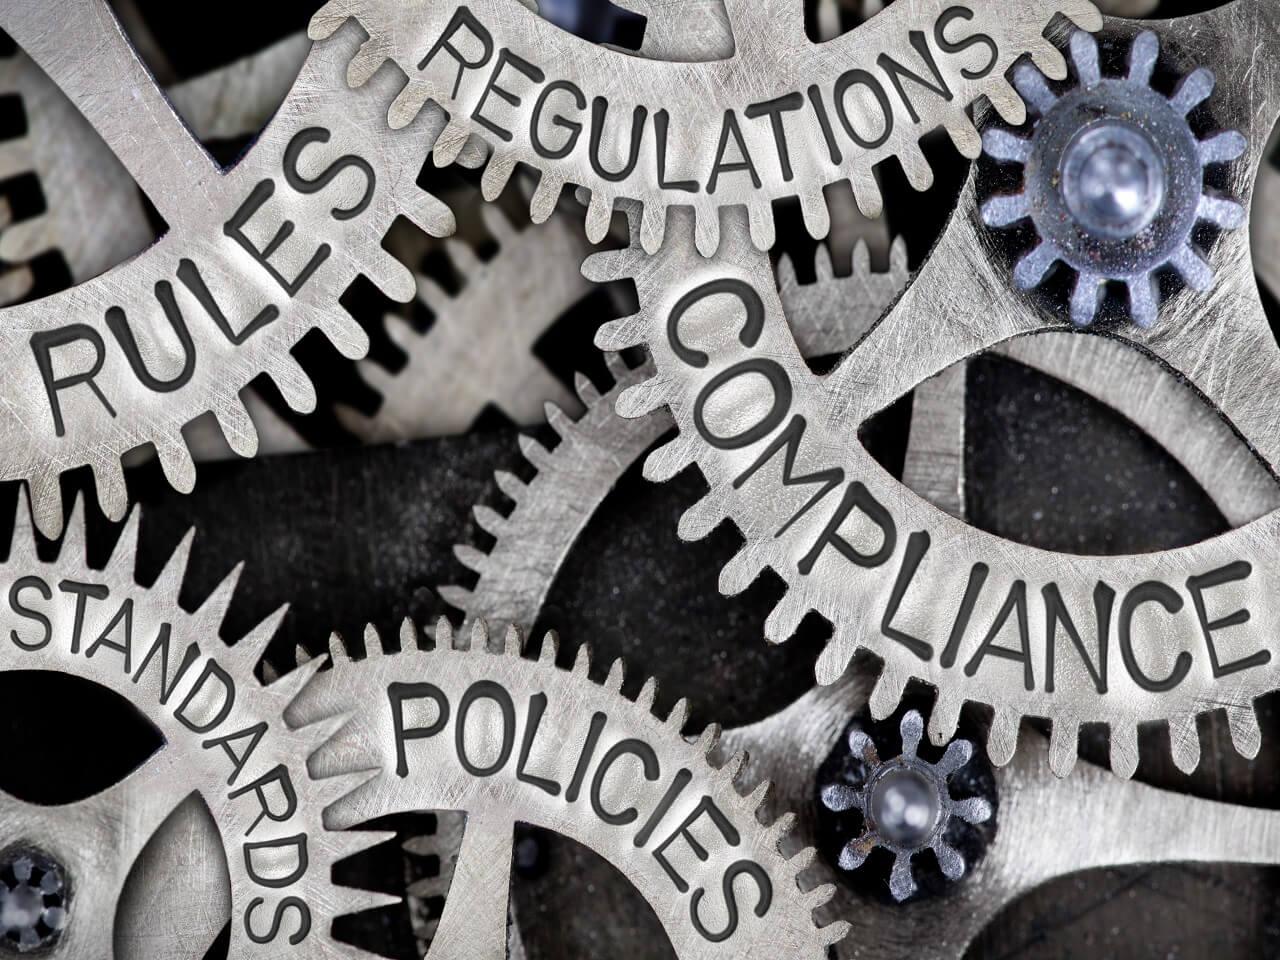 Yenilenecek Gümrük Kanununa İlişkin Görüşlerin Bildirilmesi